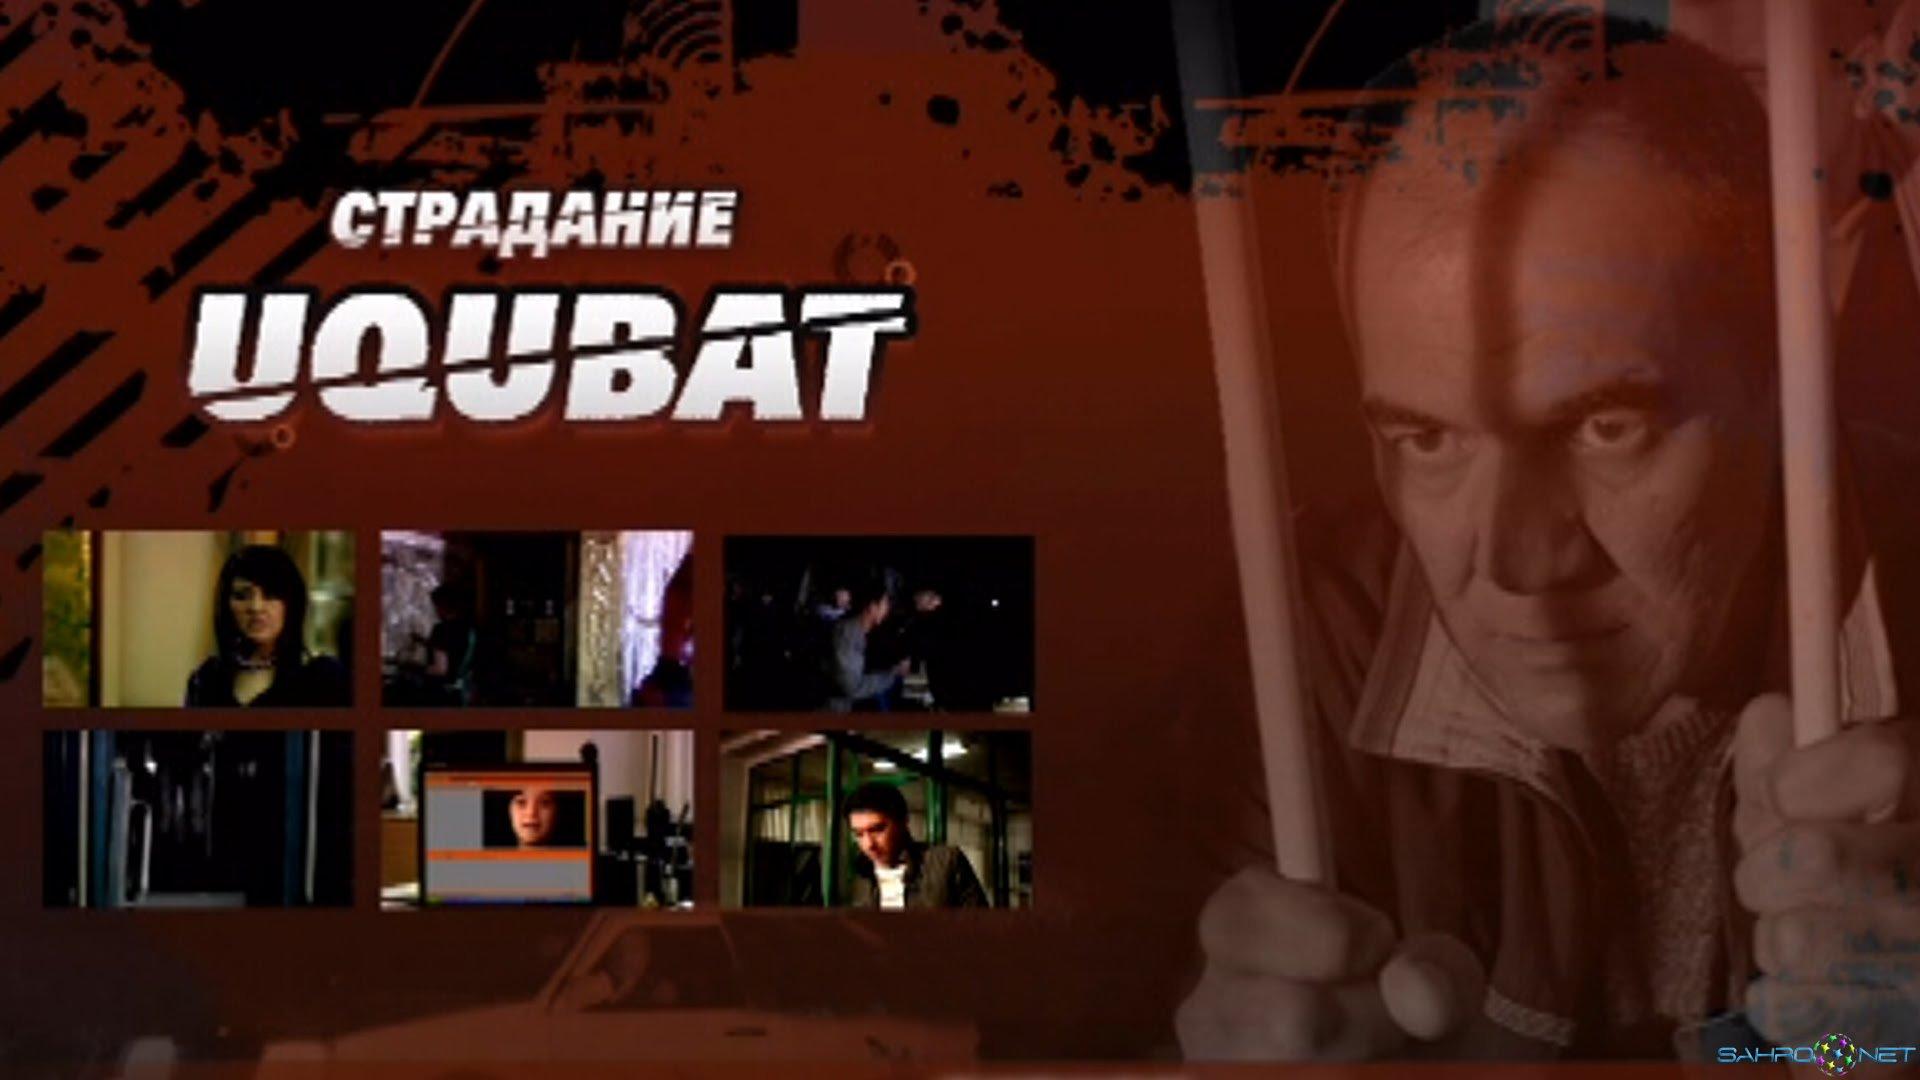 Uqubat / Страдание Узбек Кино на русском языке онлайн смотреть бесплатно